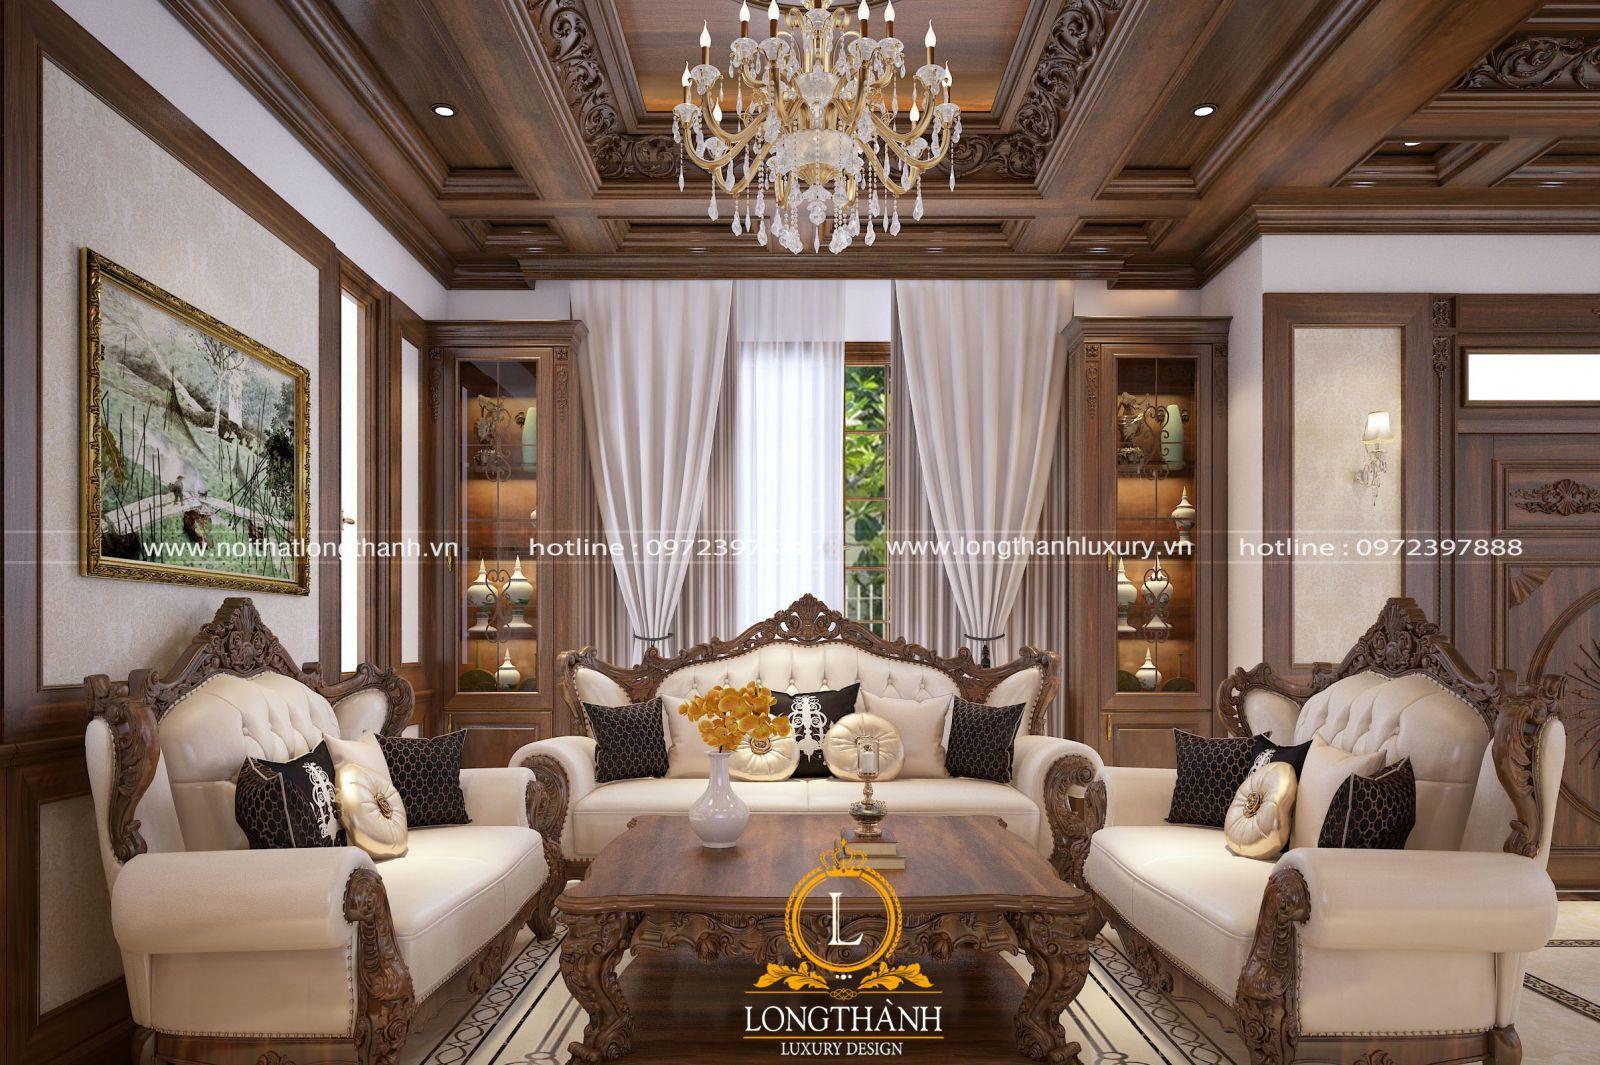 Sofa tân cổ điển cho phòng khách rộng